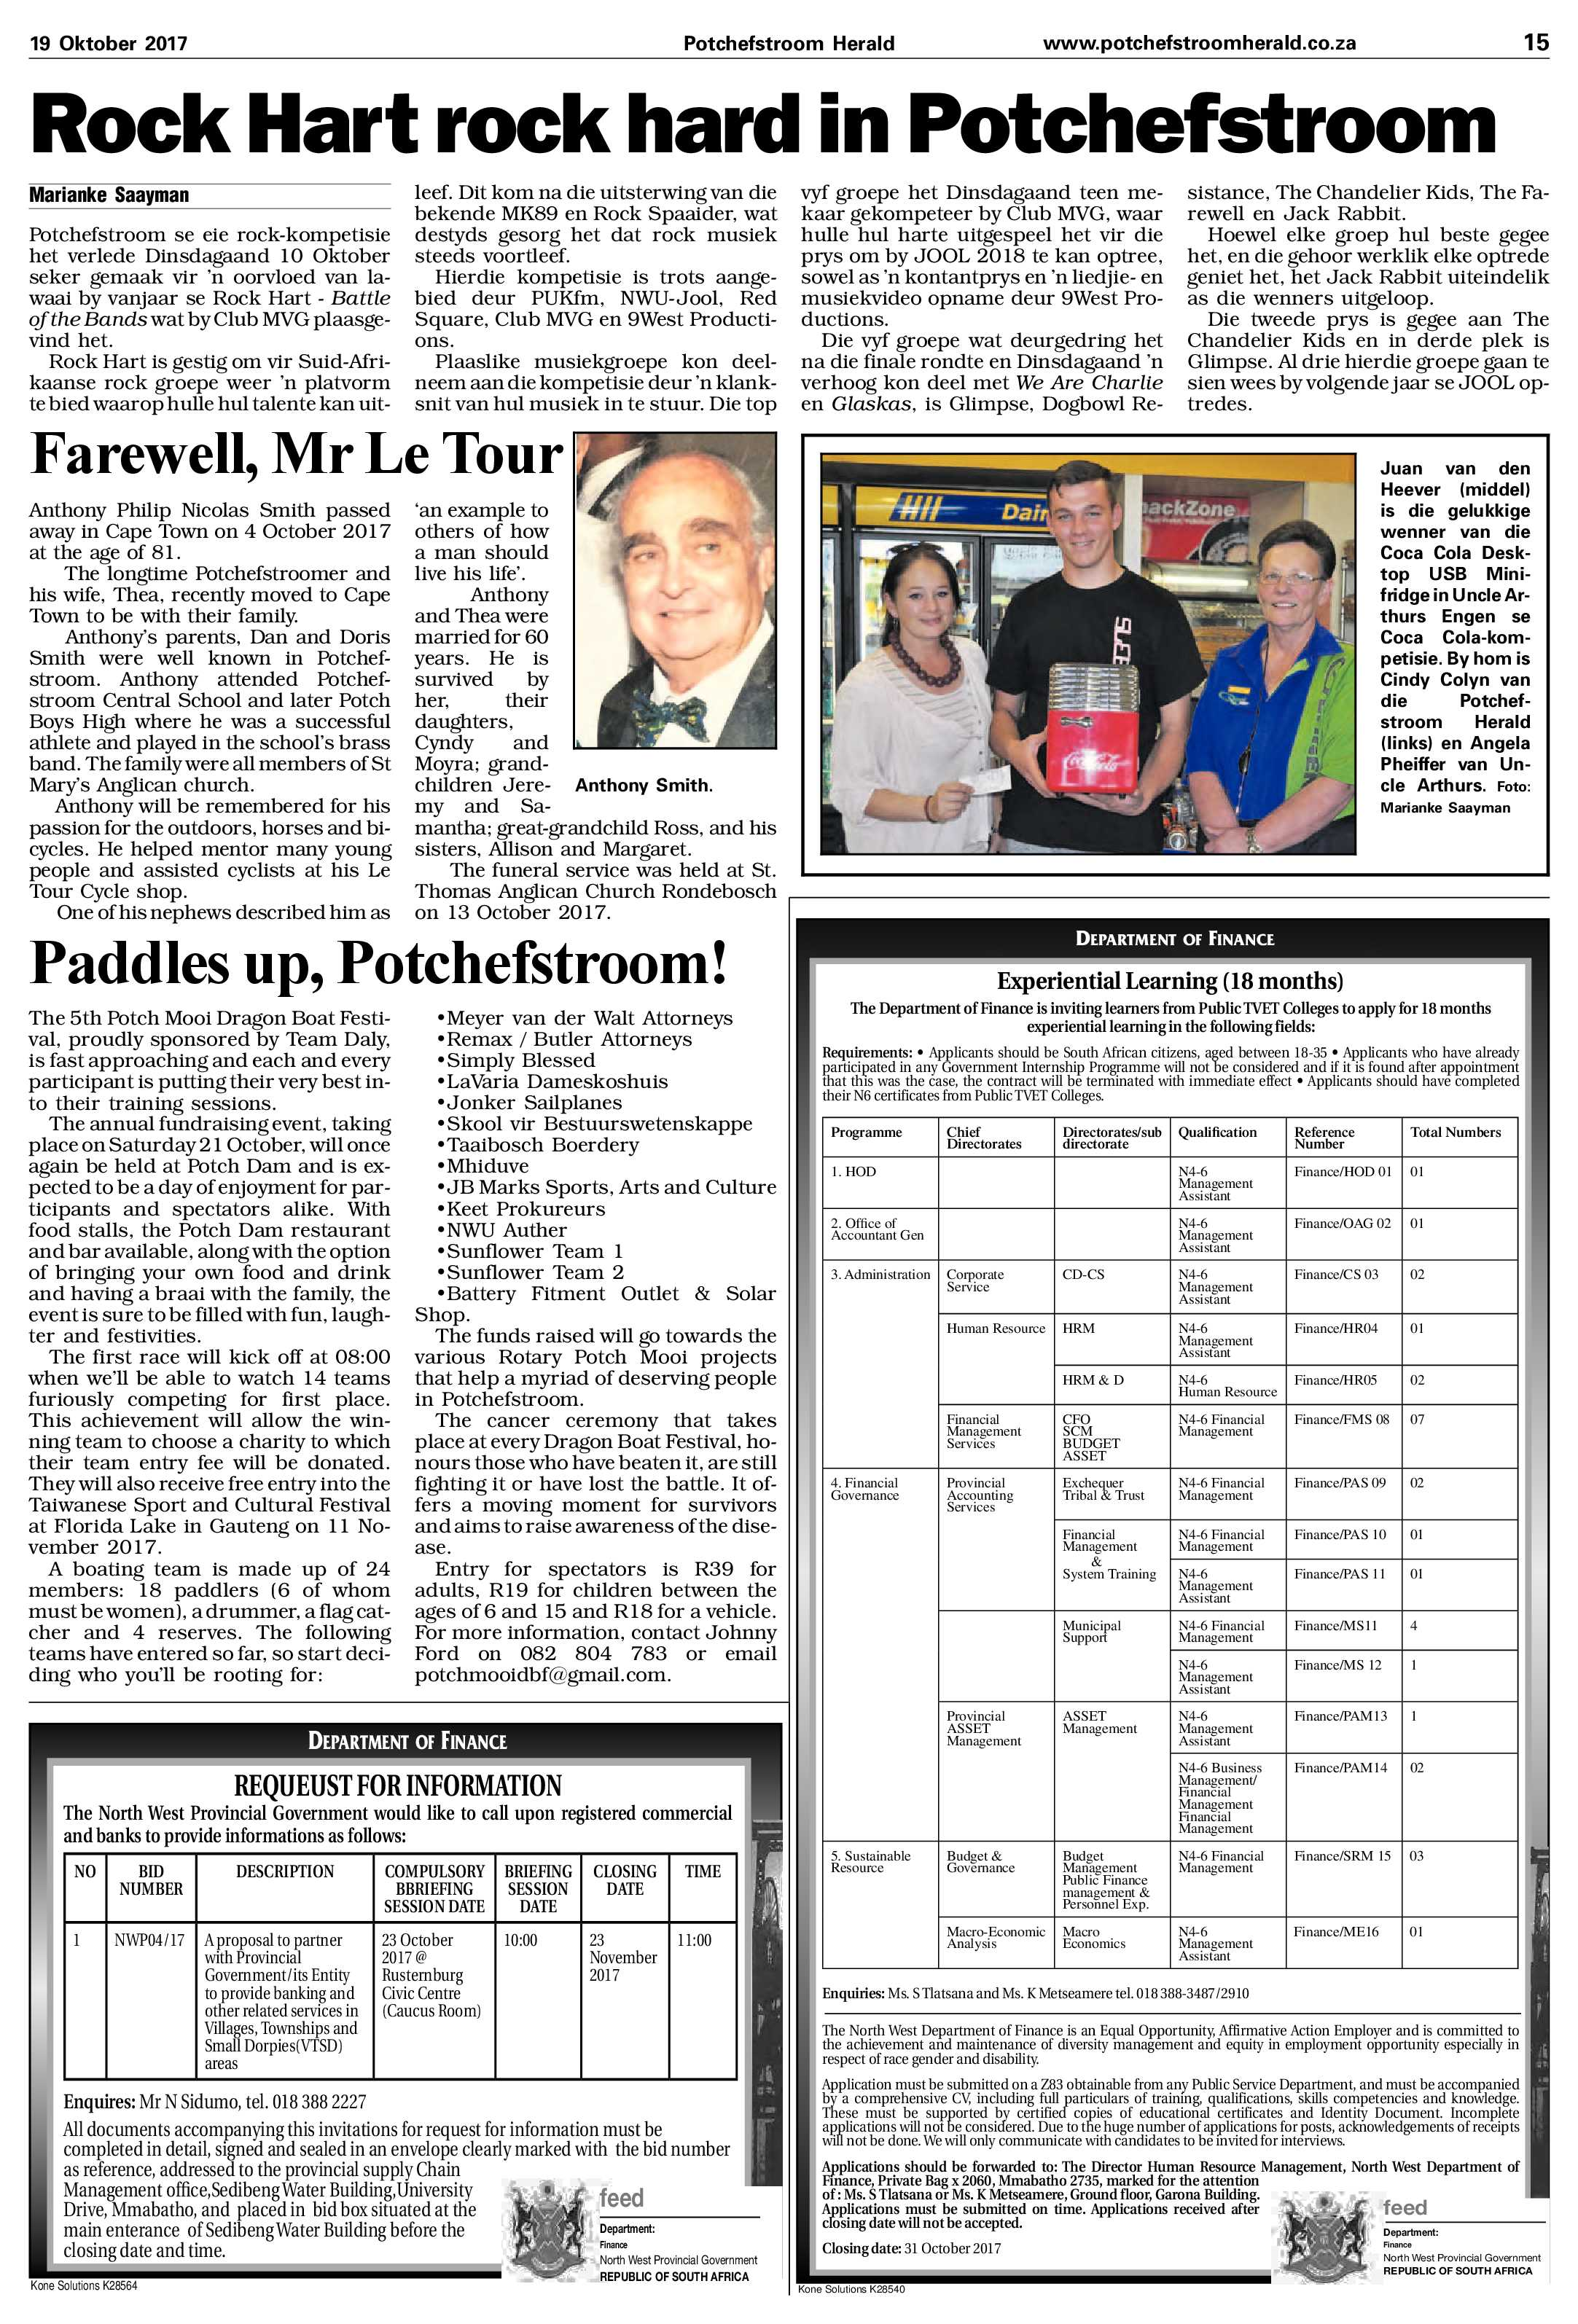 19-oktober-2017-epapers-page-15